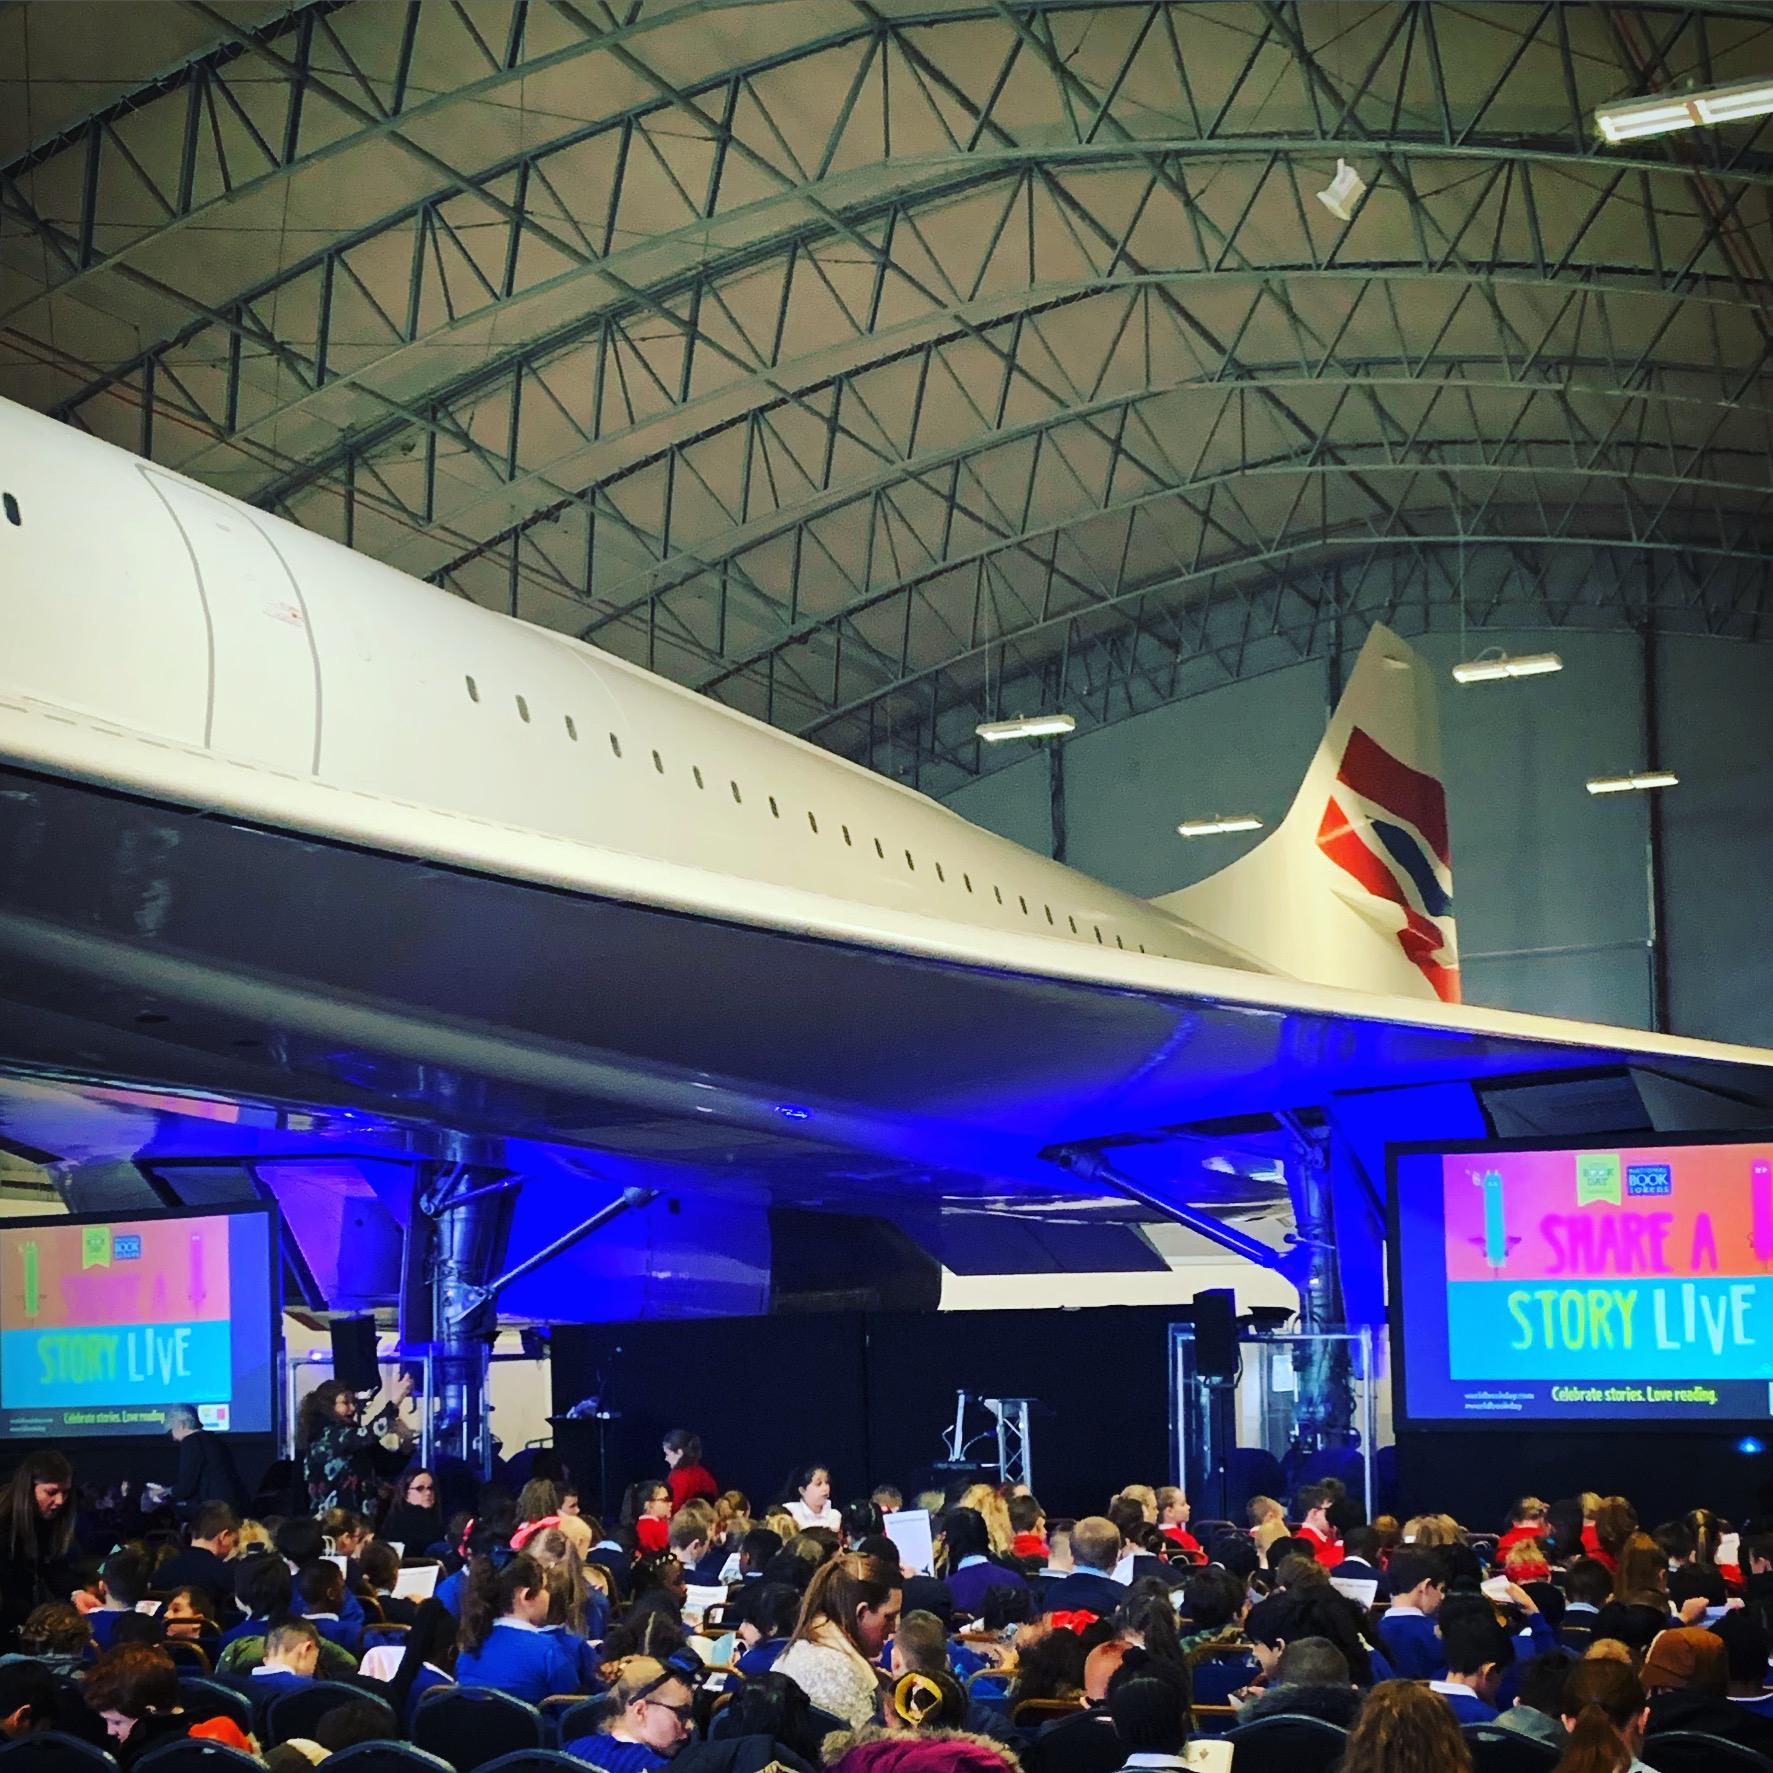 Underneath Concorde!